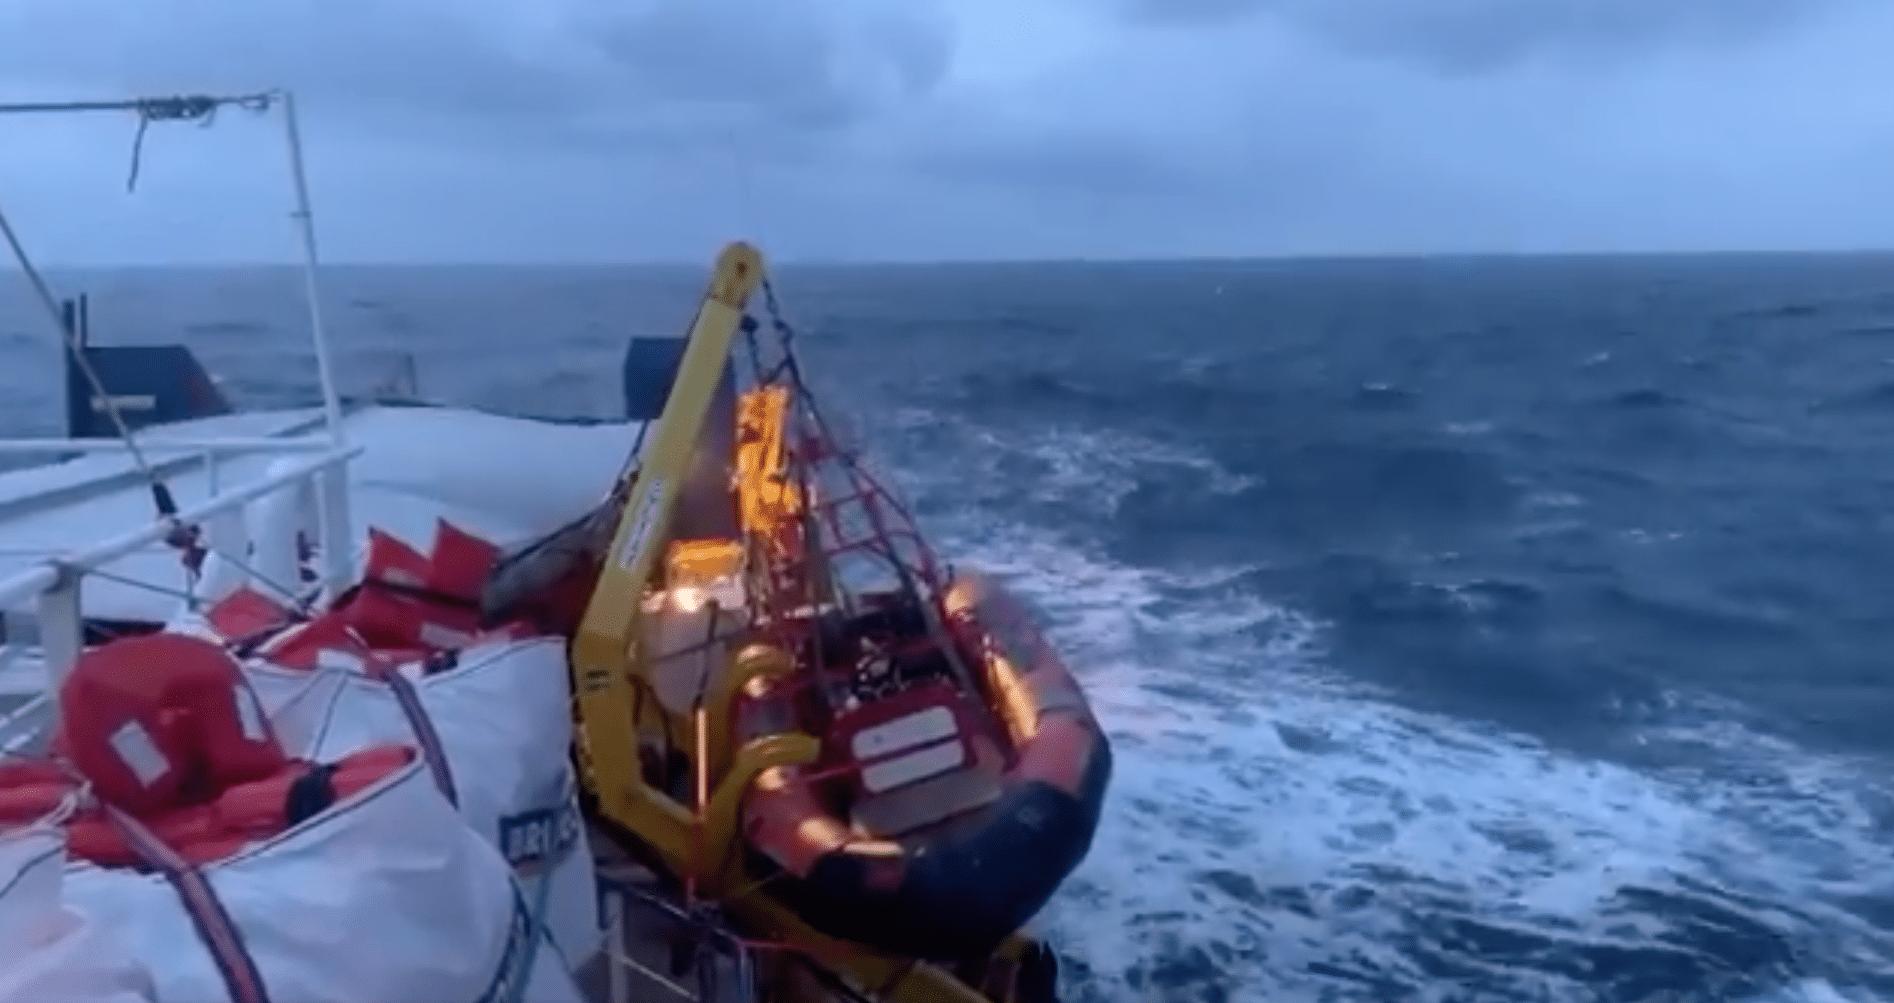 Tre parlamentari sono saliti a bordo della Sea Watch 3